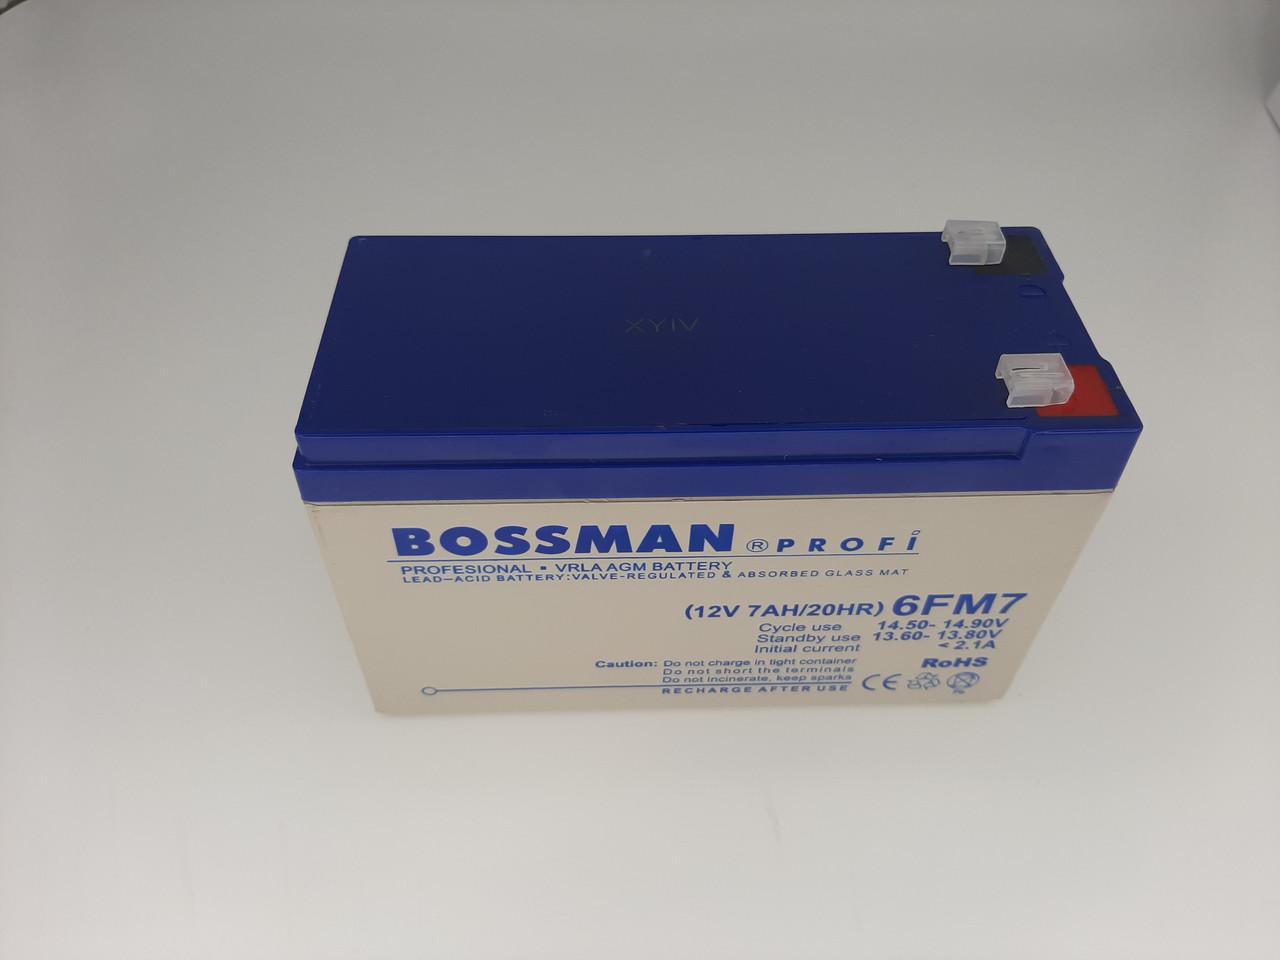 Аккумулятор 6FM7 (12V 7AH) Размеры  151*65*95+6мм Grey-blue свинцово-кислотный